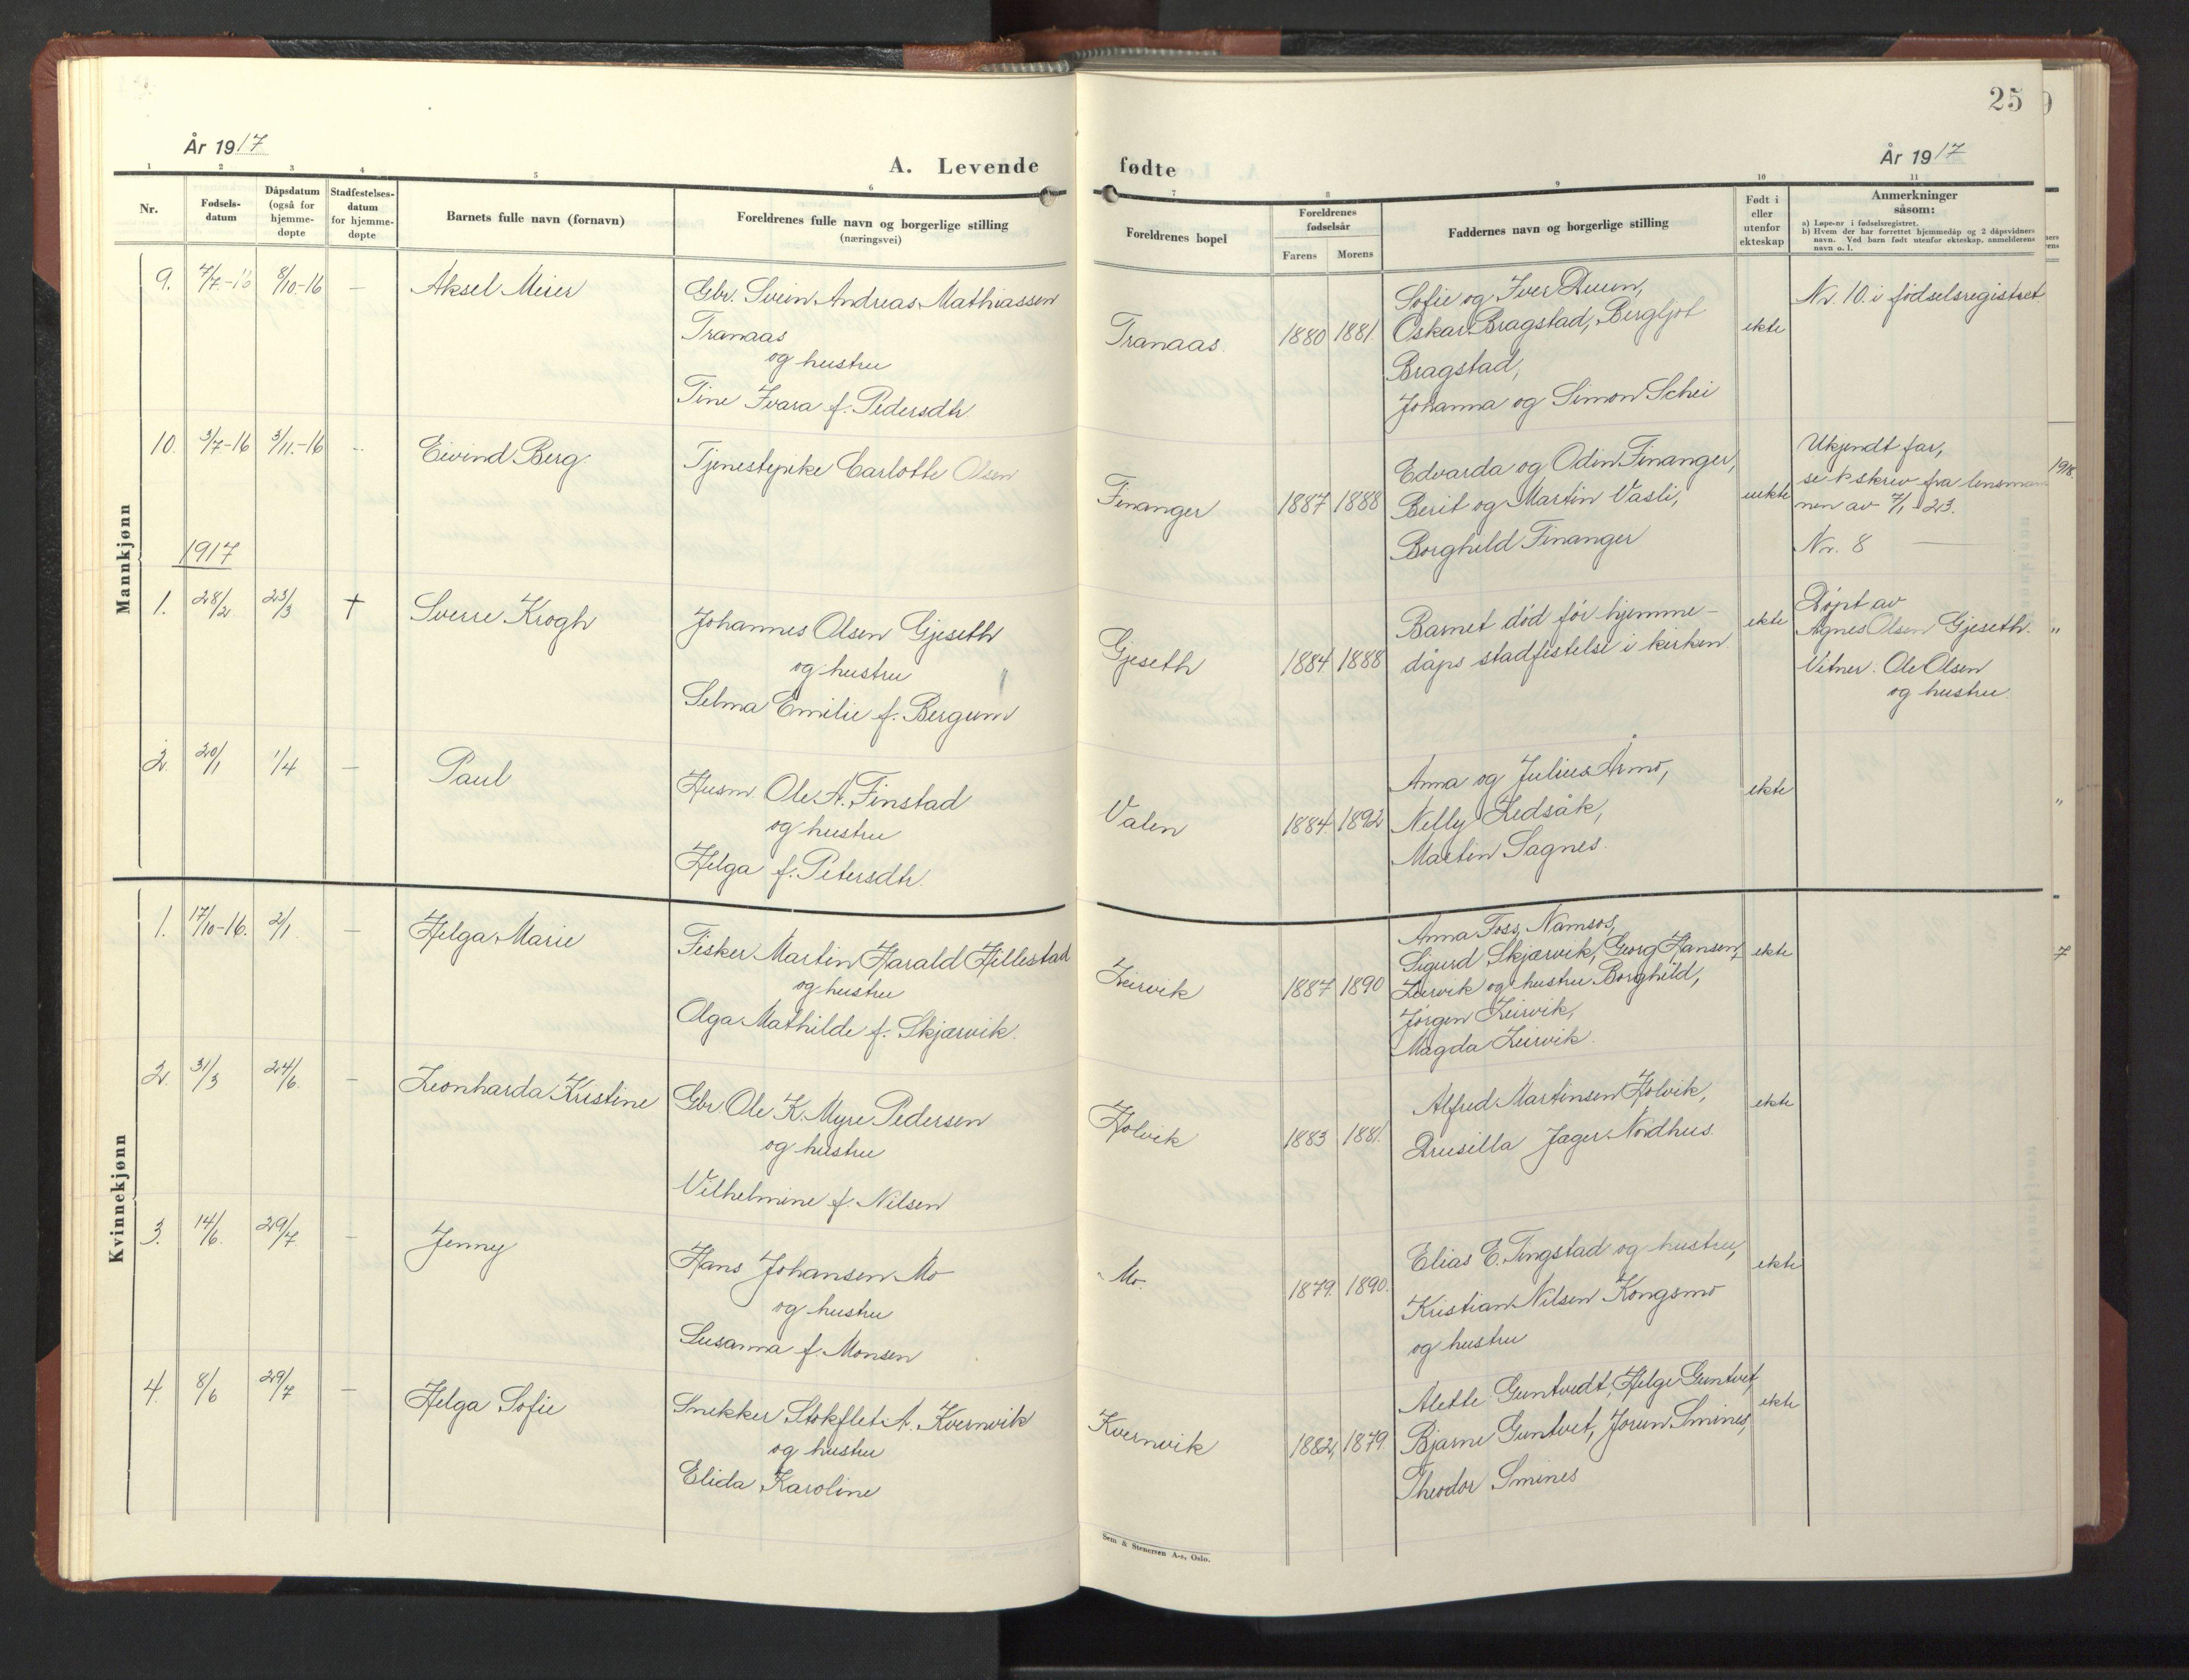 SAT, Ministerialprotokoller, klokkerbøker og fødselsregistre - Nord-Trøndelag, 773/L0625: Klokkerbok nr. 773C01, 1910-1952, s. 25